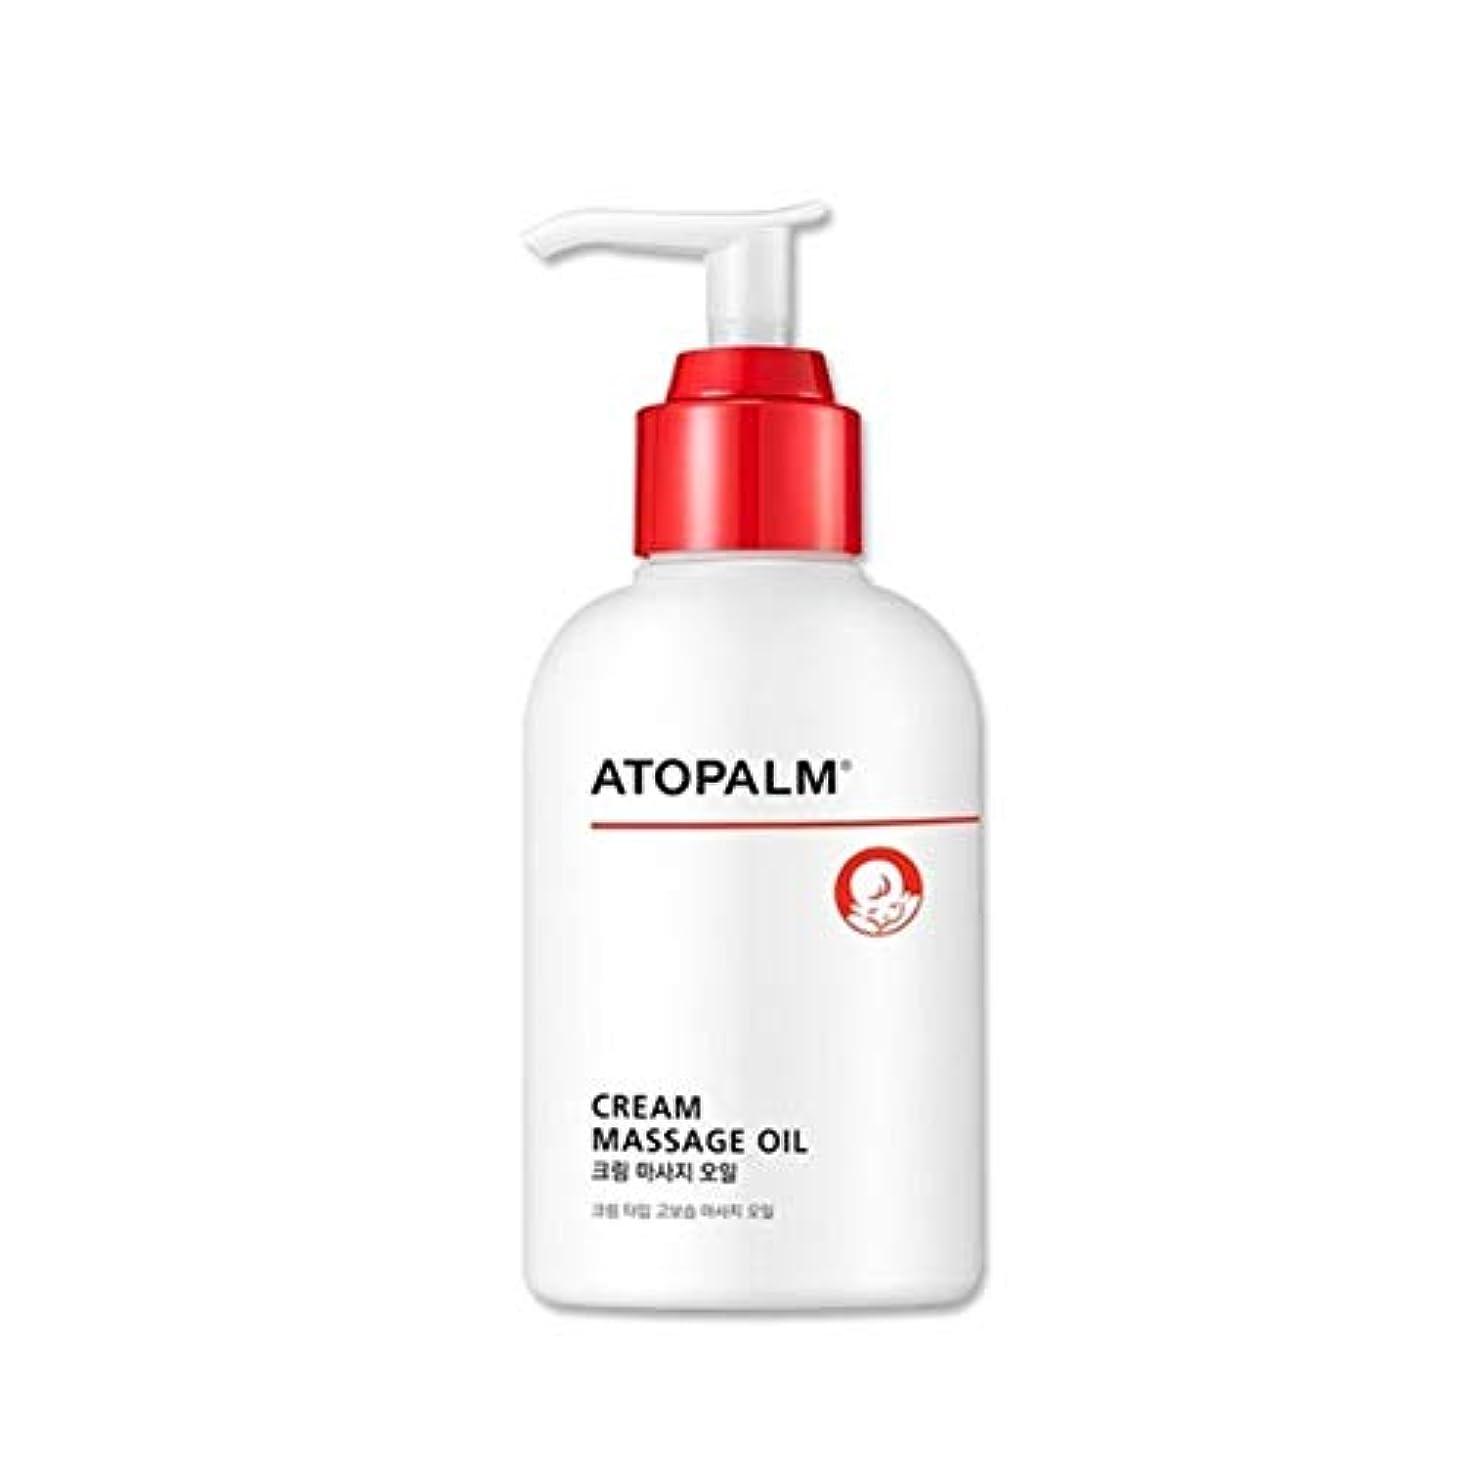 襲撃調停する逆アトパムクリームマッサージオイル200ml韓国コスメ、Atopalm Cream Massage Oil 200ml Korean Cosmetics [並行輸入品]